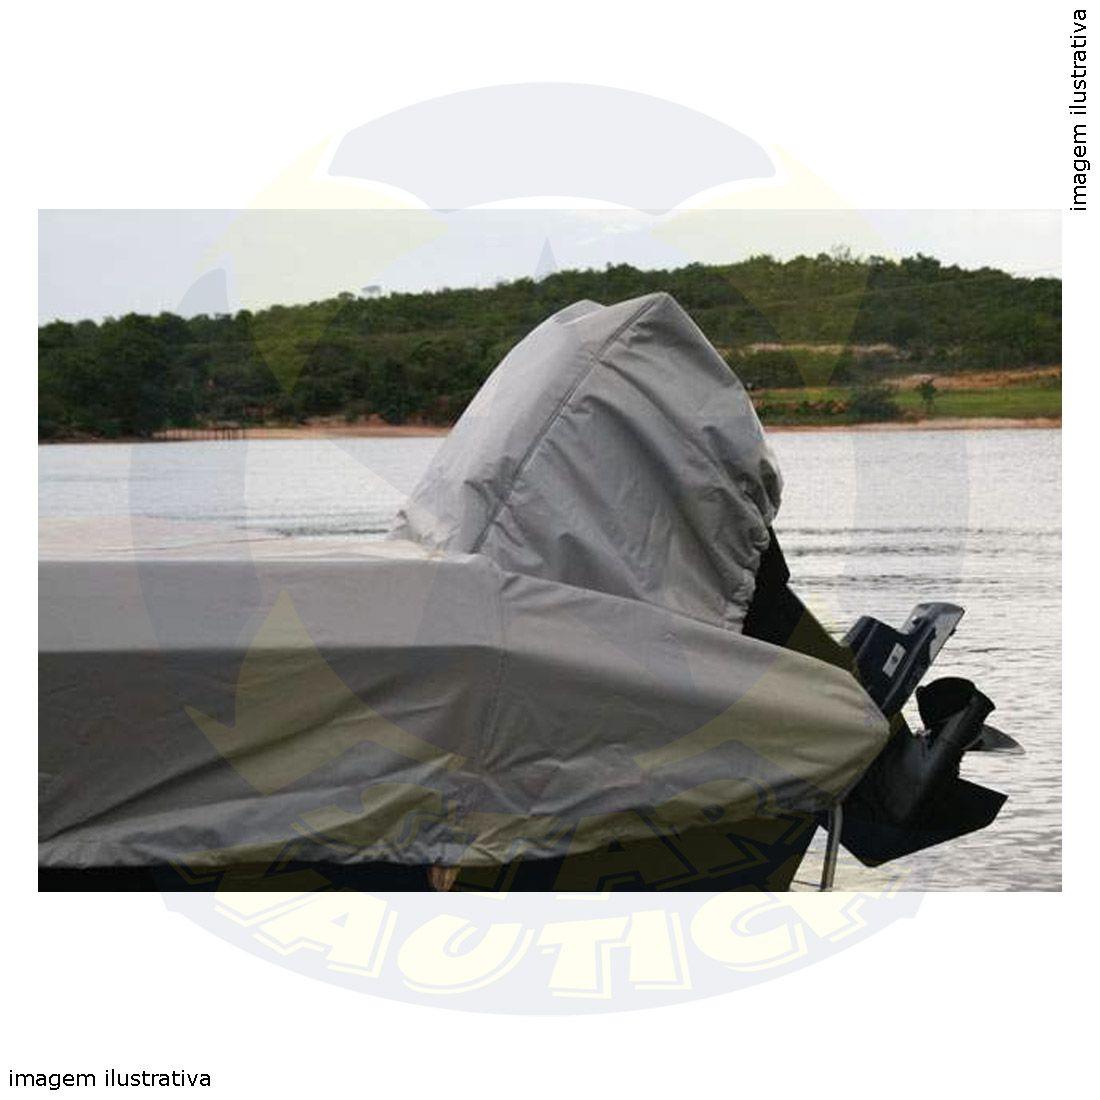 Capa Lona de Cobertura Lancha Marfim 6.0 Freestyle Lona Poliéster